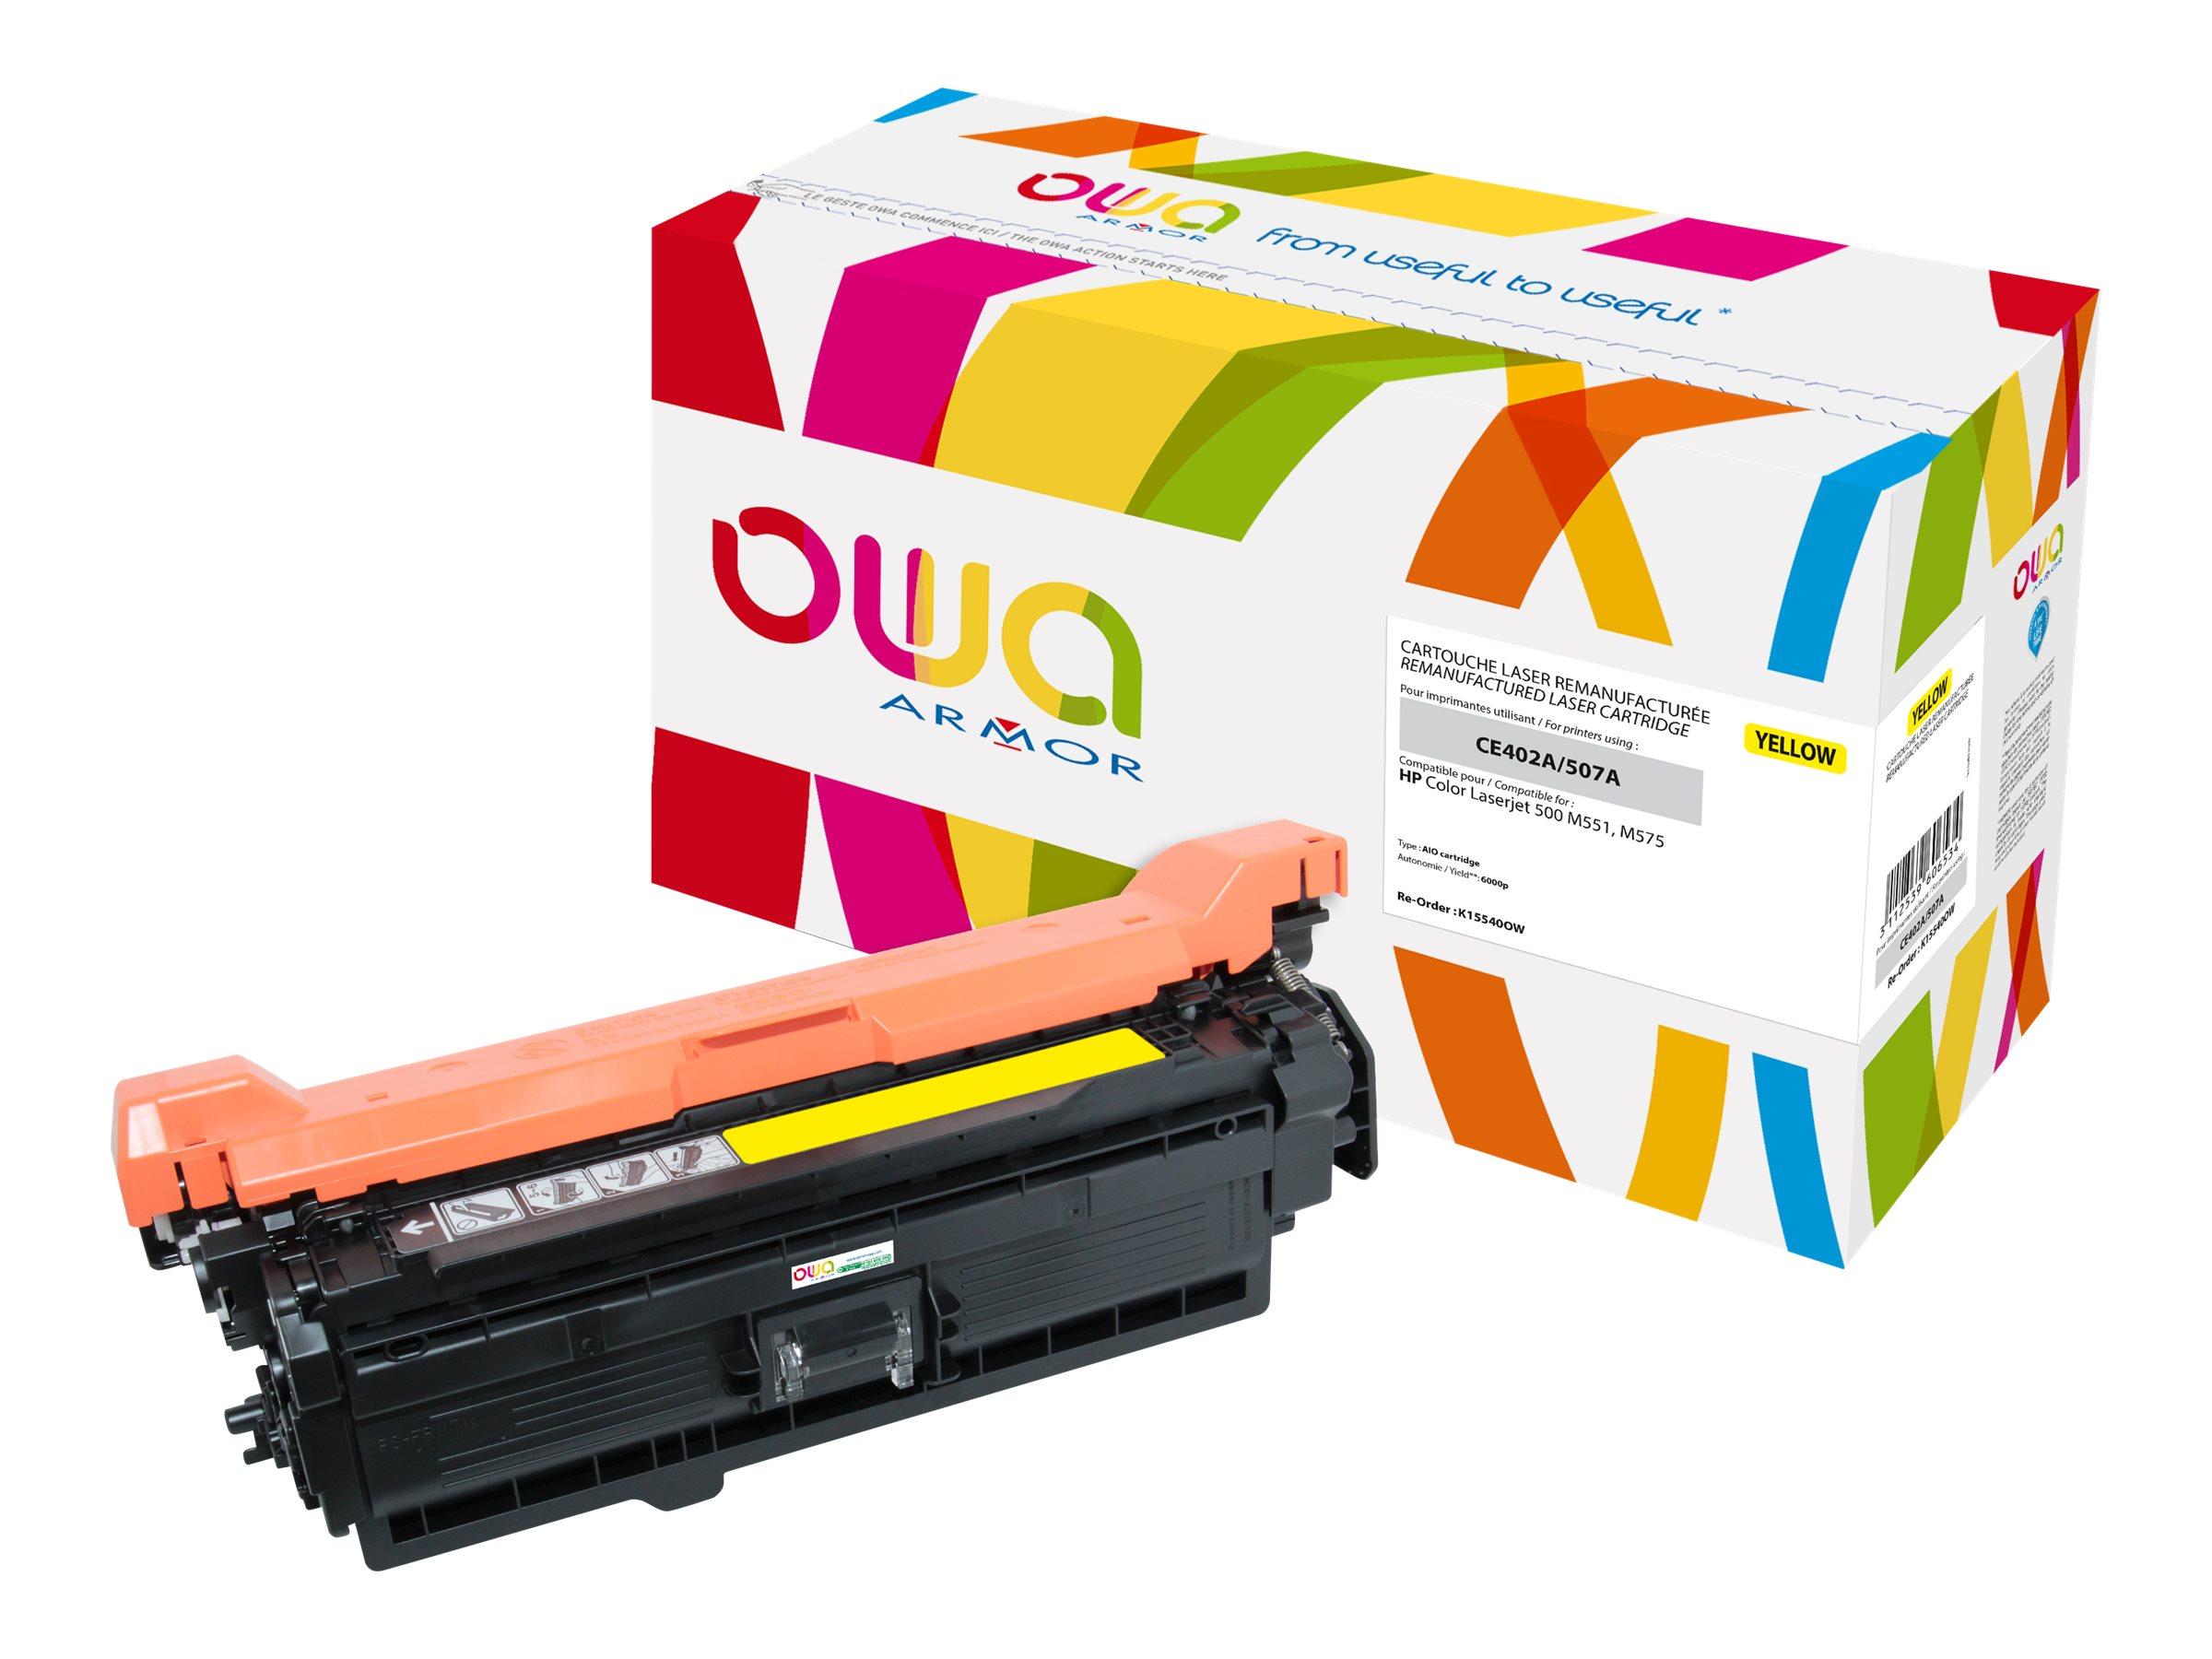 HP 507A - remanufacturé Owa K15540OW - jaune - cartouche laser